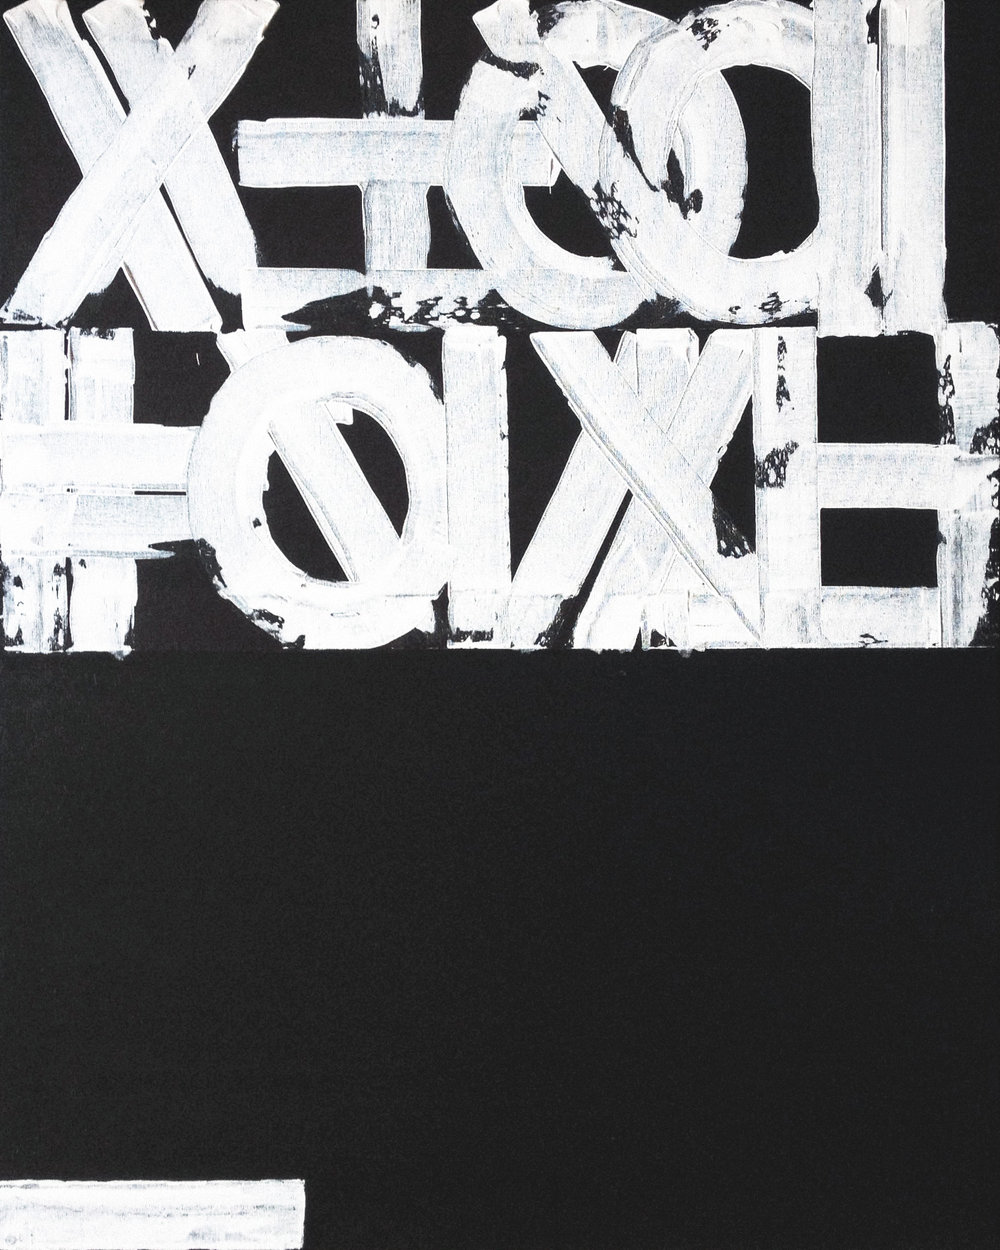 Negativo — Diego Berjon